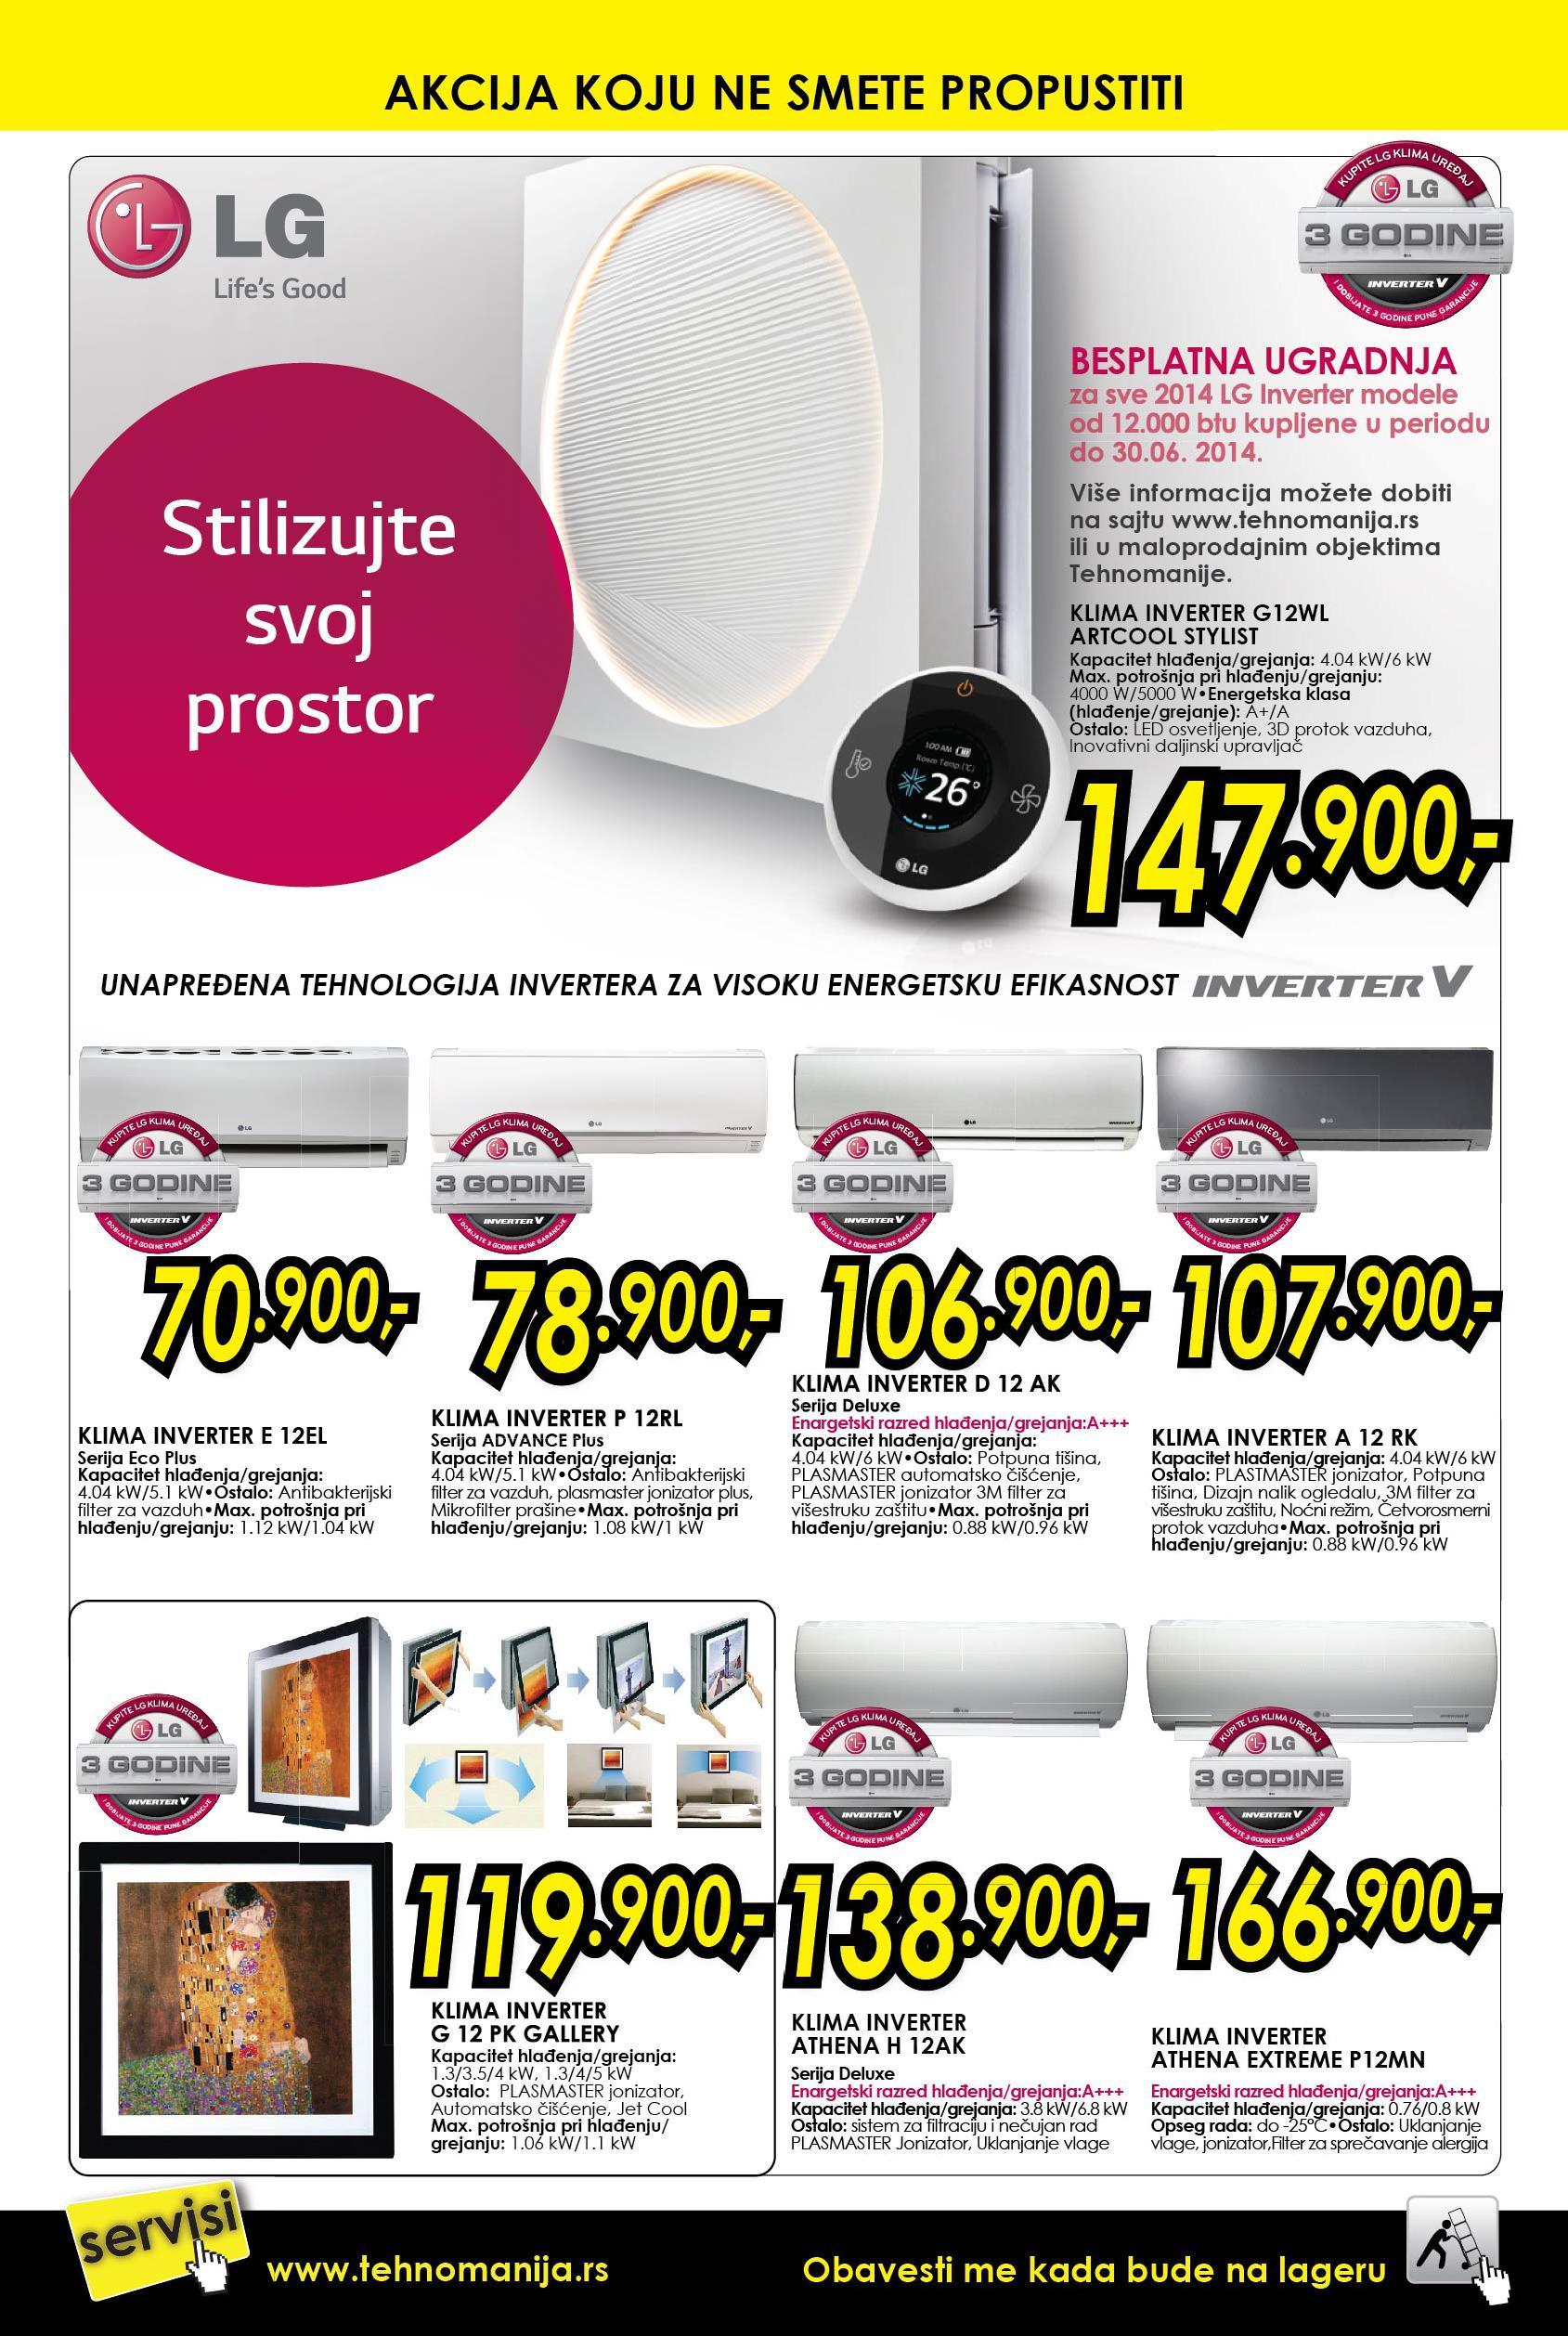 Tehnomanija akcija niske cene malih kućnih aparata